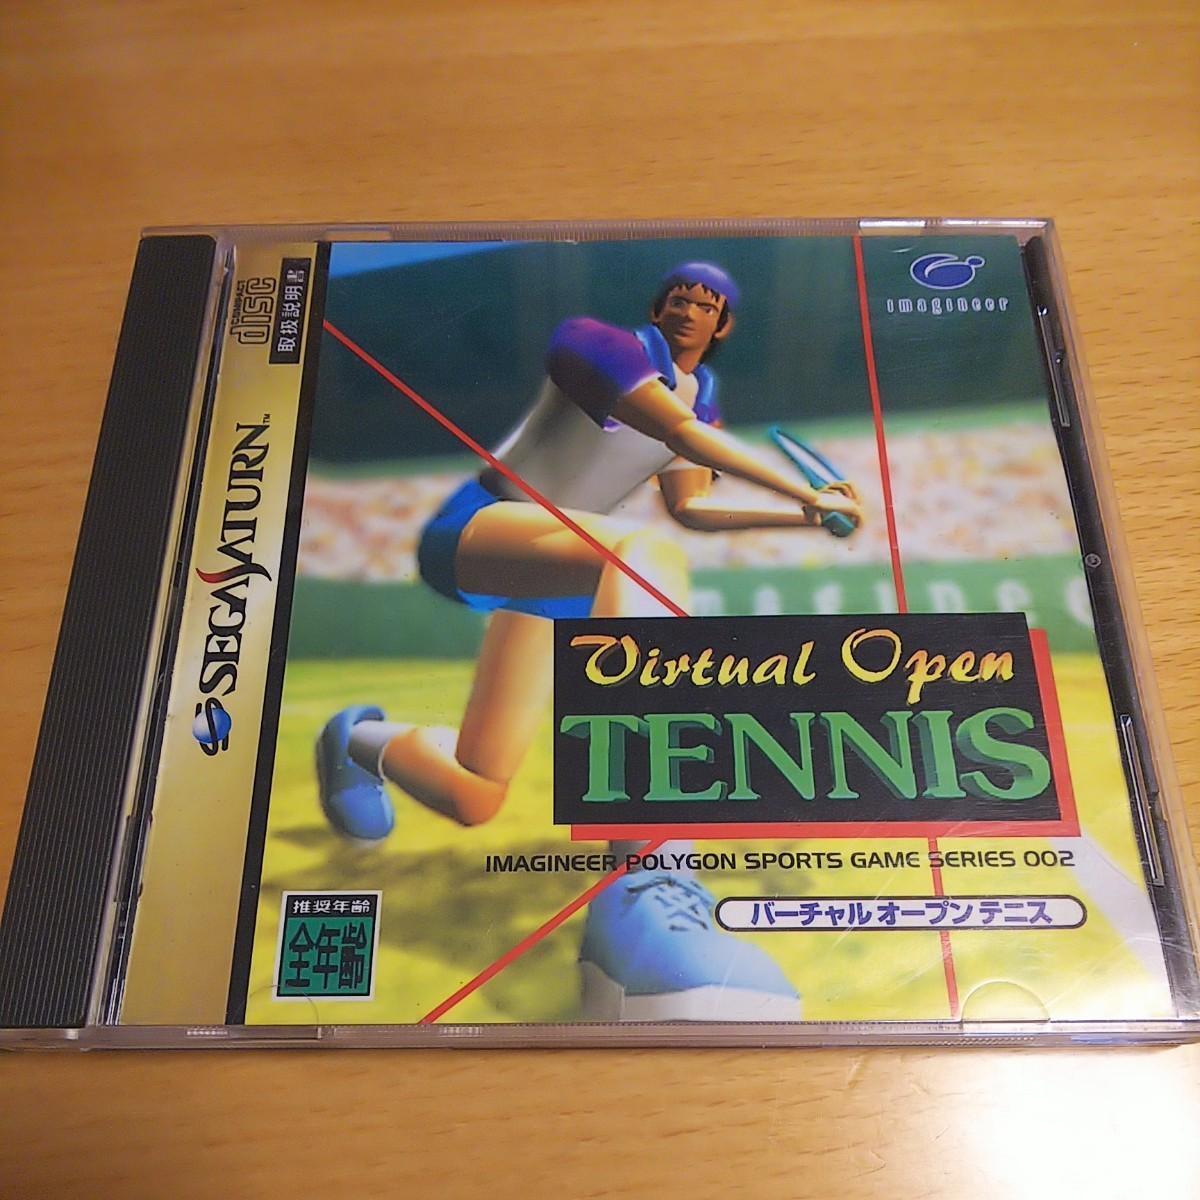 セガサターン バーチャルオープンテニス 中古品